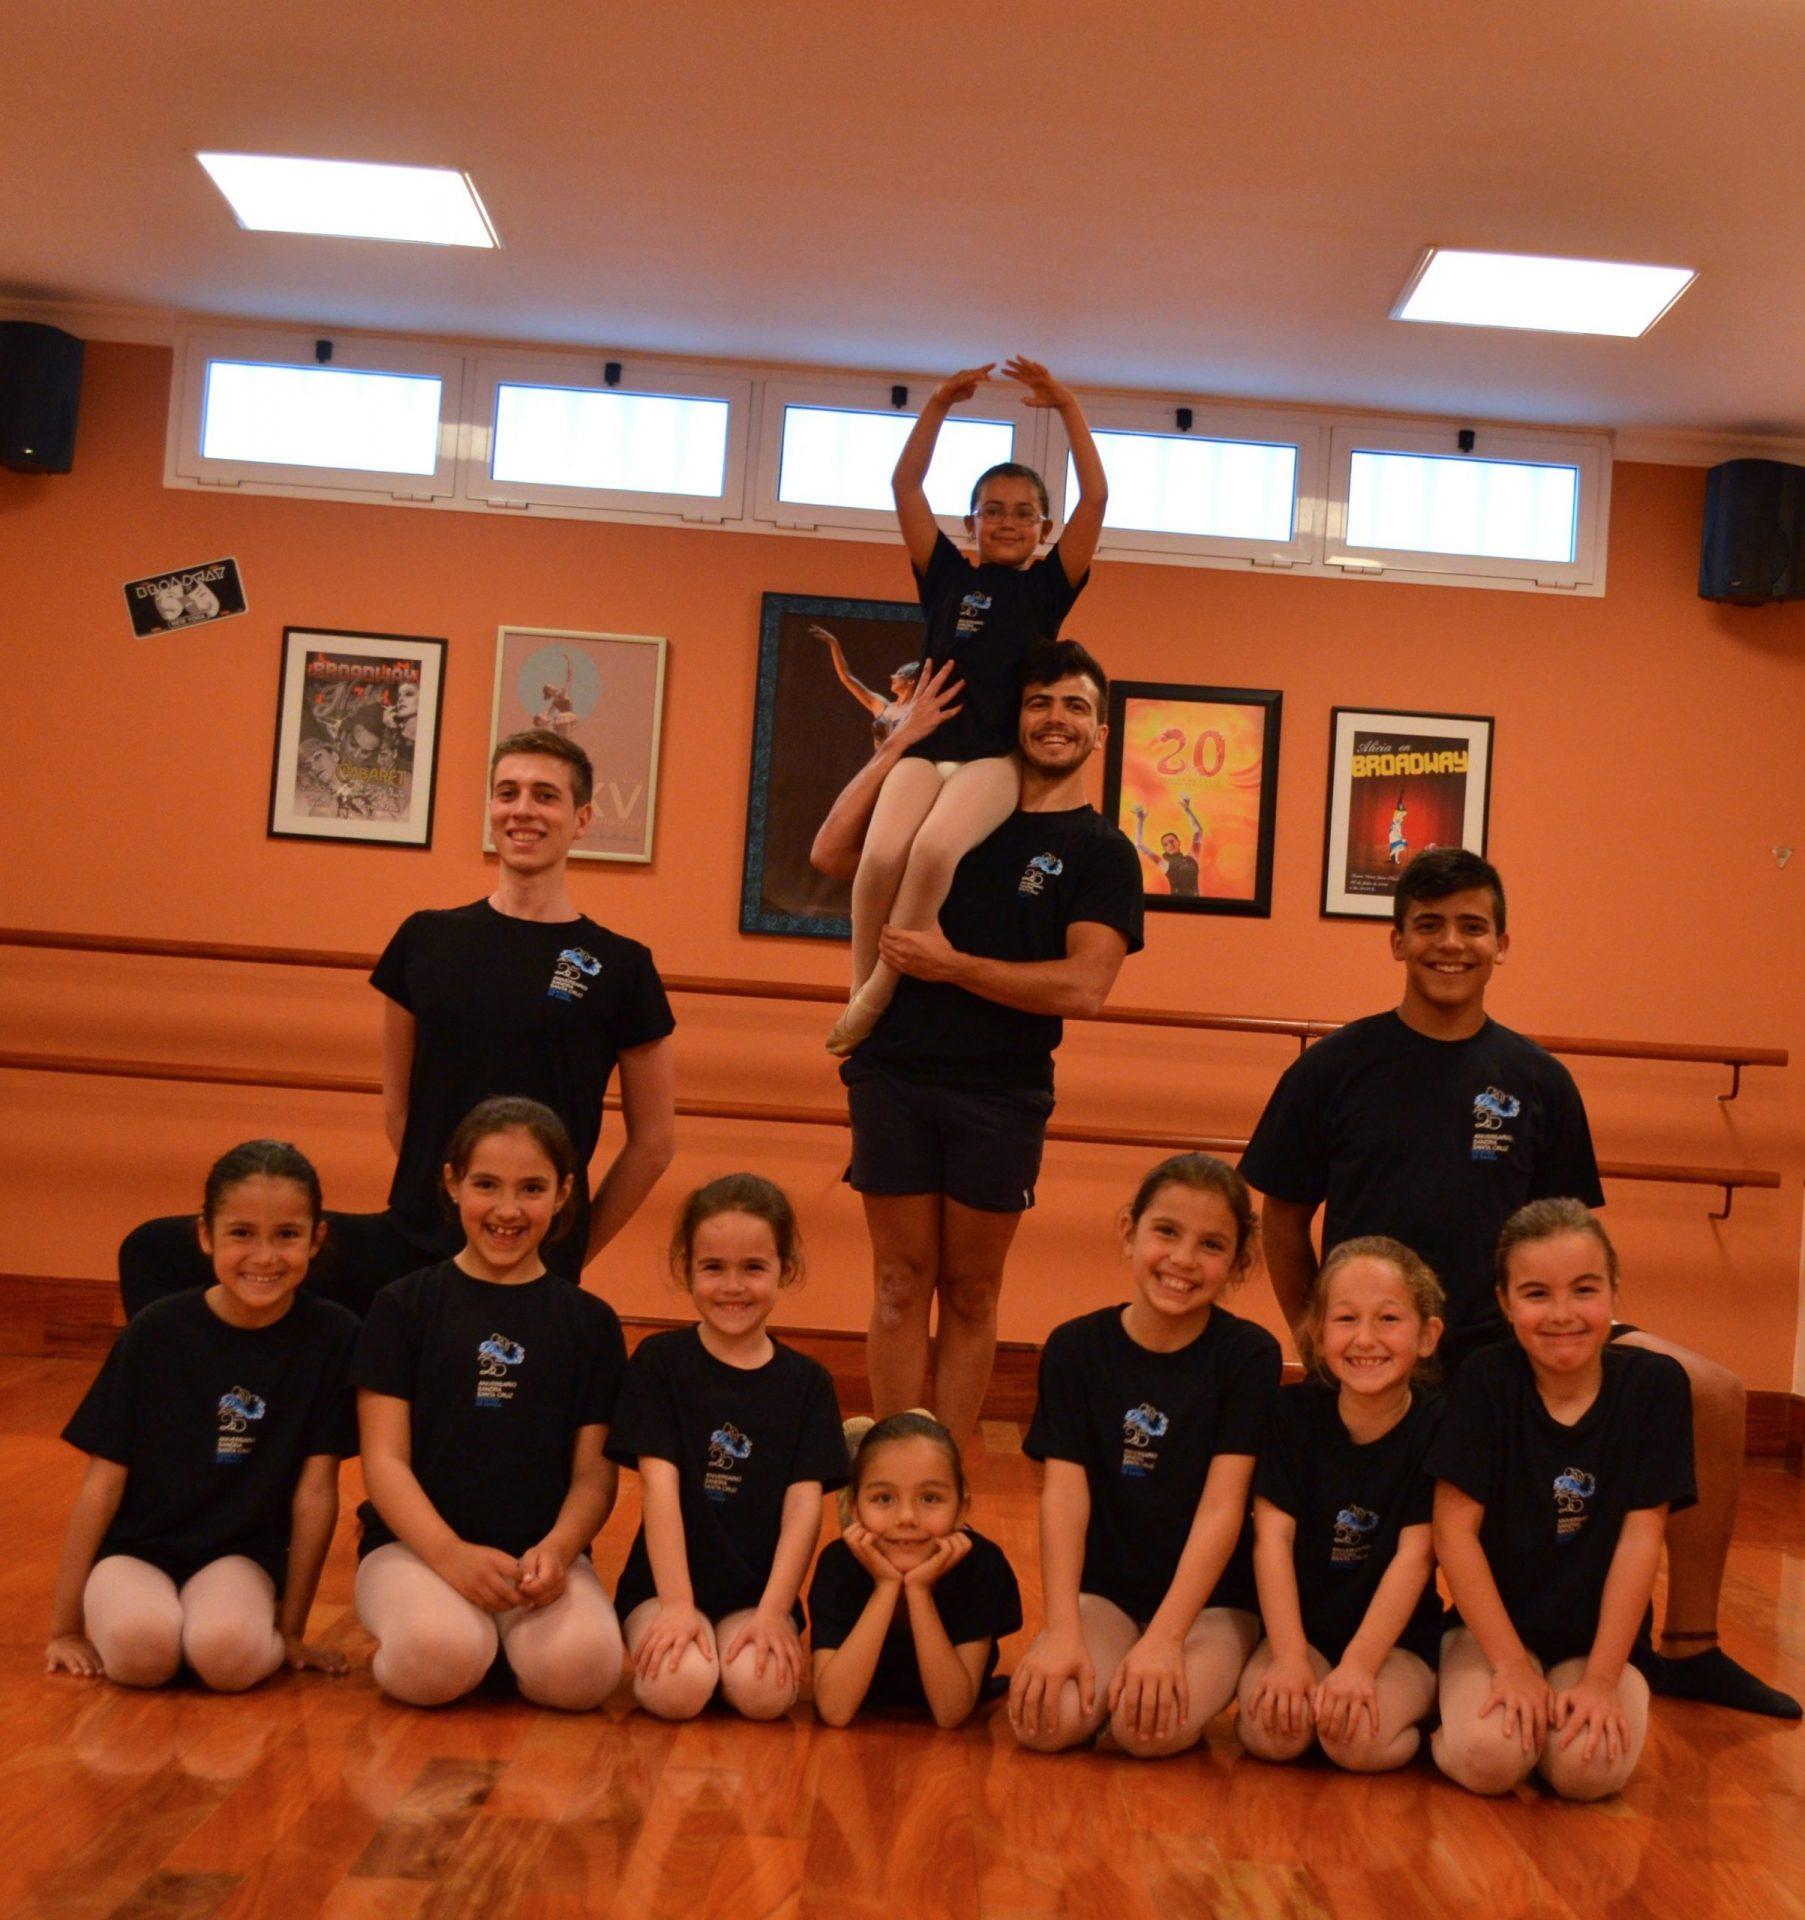 Foto del grupo de baiaraines del Centro de Danza Sandra Santa Cruz que participará en la celebración del Día Mundial de la Danza 2015